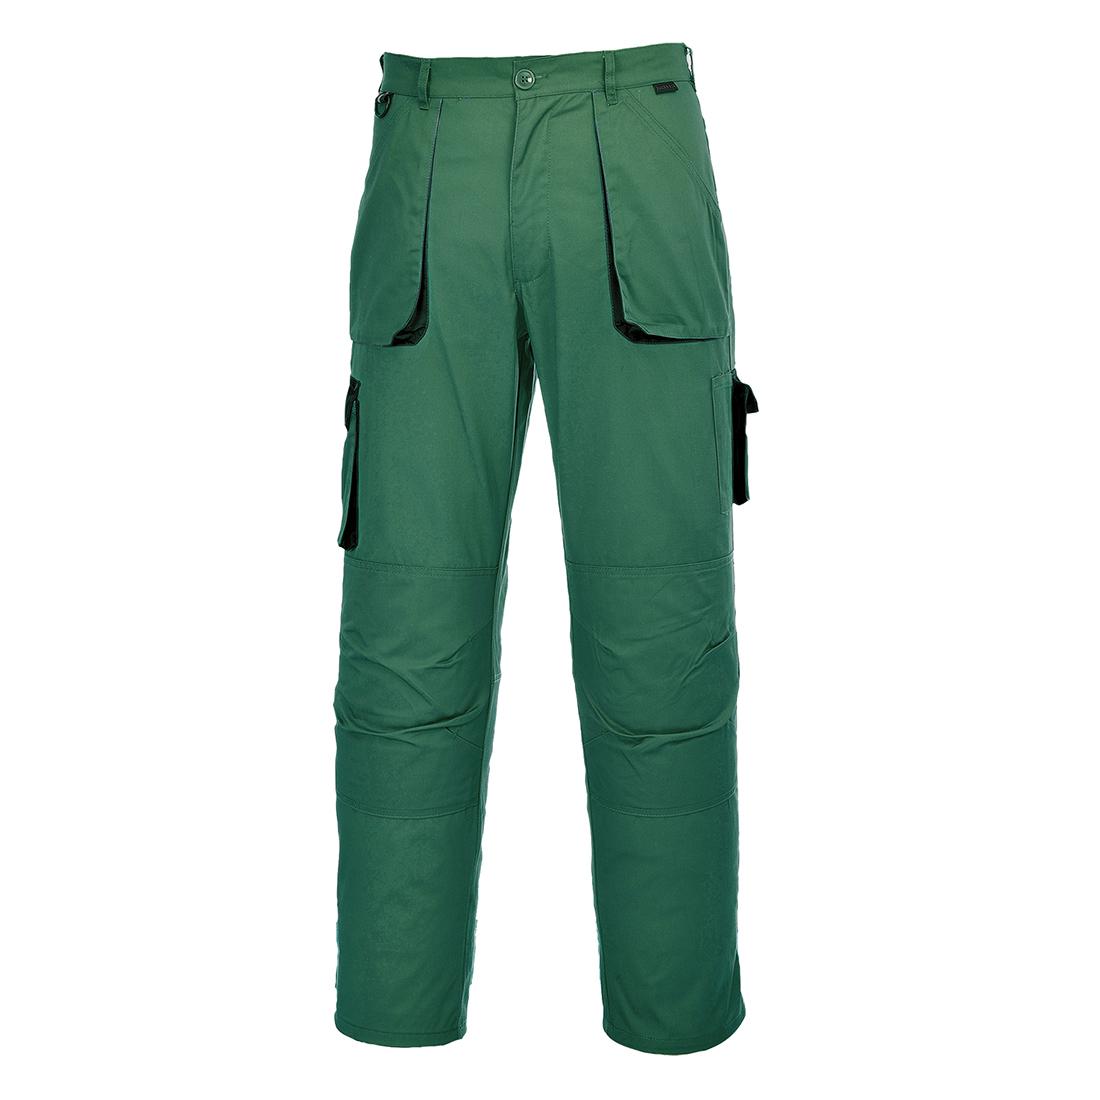 Texo Contrast Trousers Bottle Green XLR